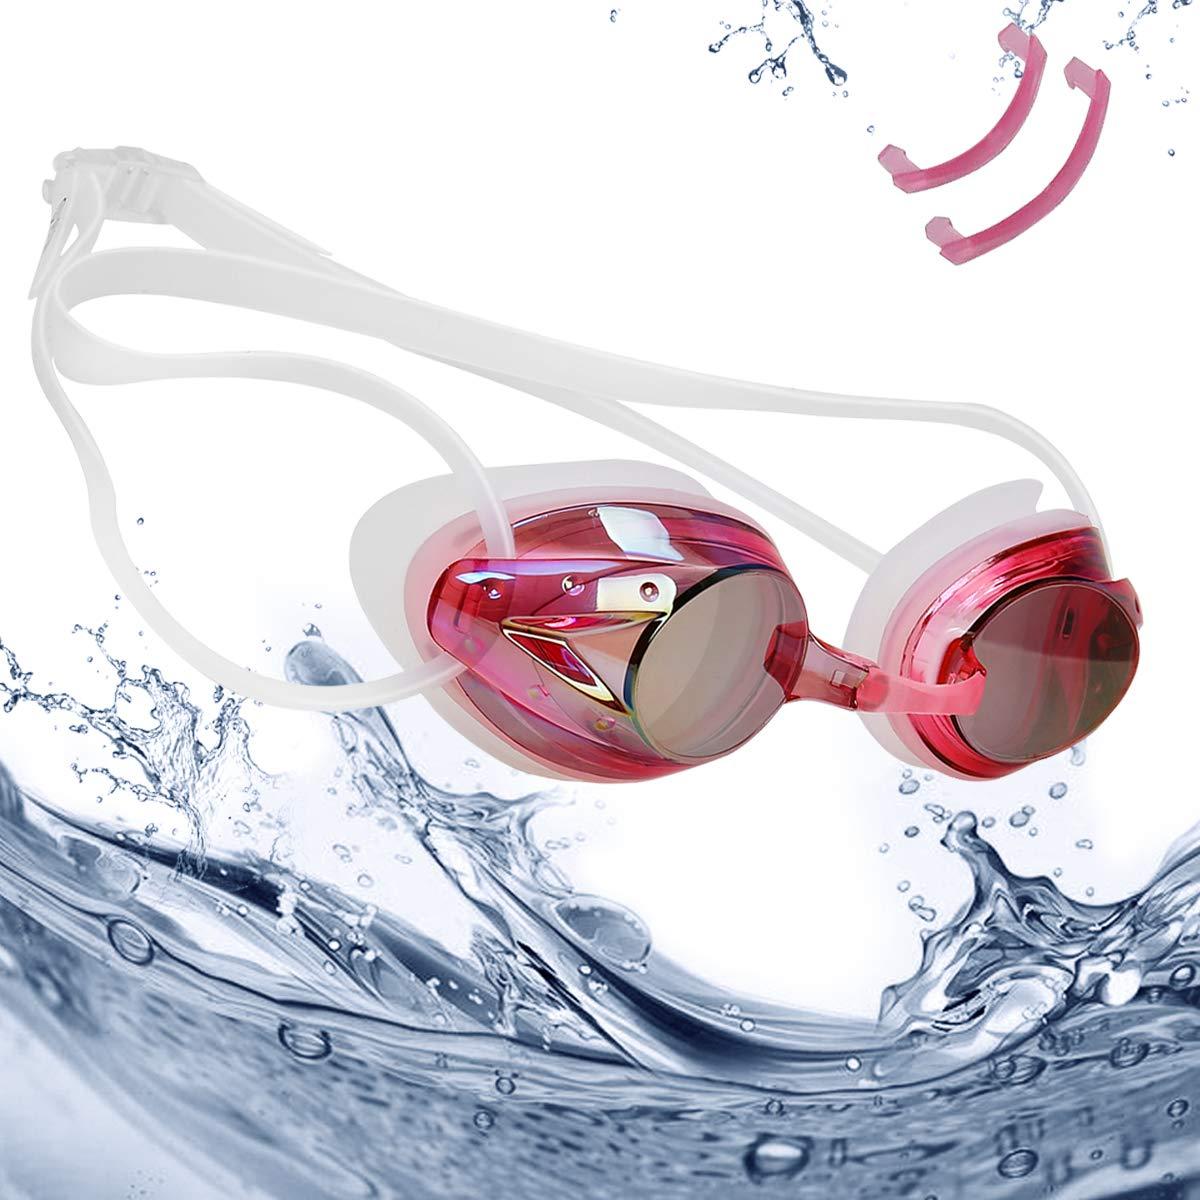 rabofly Gafas de Natación, Protección UV Antiniebla Gafas de nado Impermeable y Vista Clara Gafas para Nadar para Unisex Adulto y Niños product image